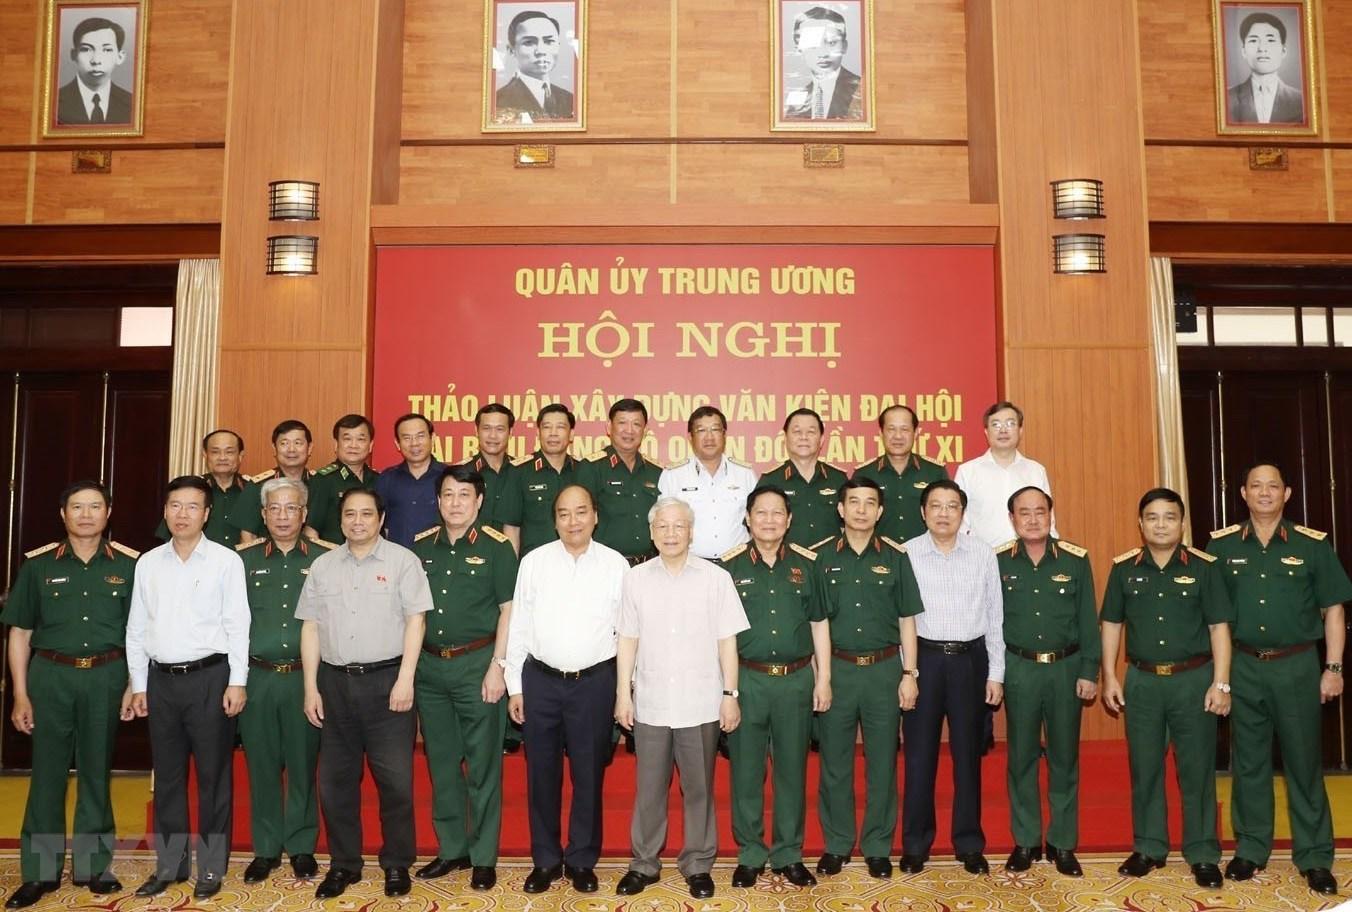 Tổng Bí thư, Chủ tịch nước, Bí thư Quân ủy Trung ương Nguyễn Phú Trọng, Thủ tướng Chính phủ Nguyễn Xuân Phúc cùng các đại biểu dự hội nghị.